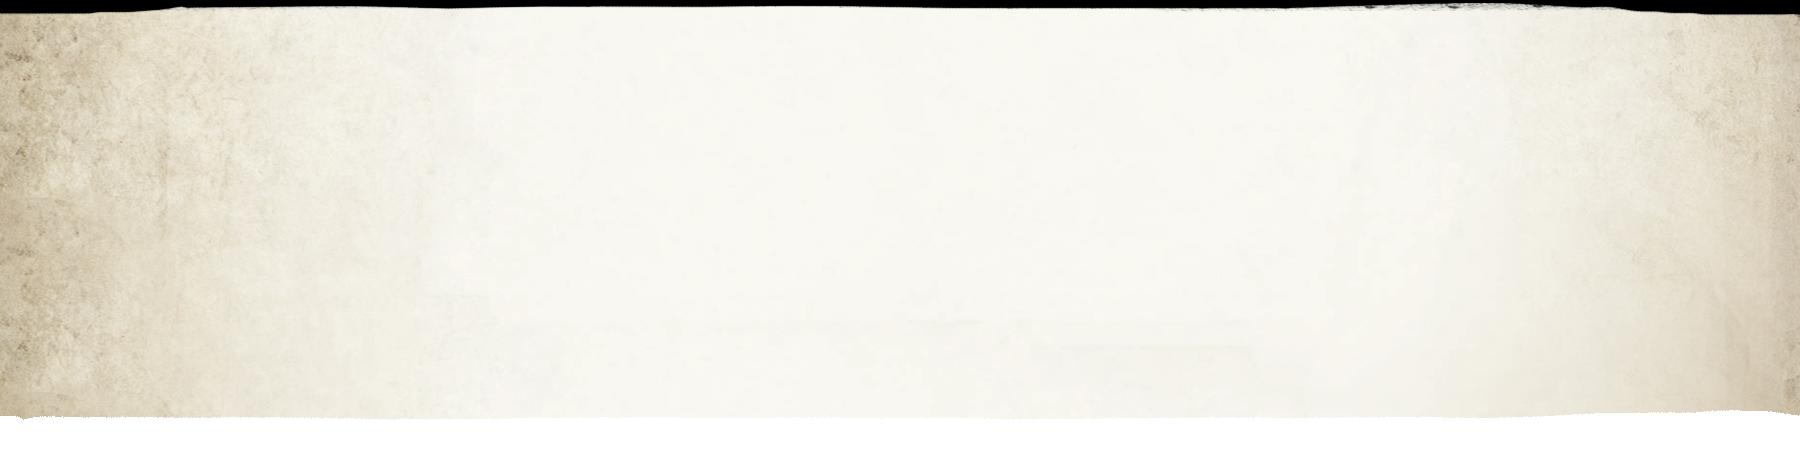 banner_bg_gradient